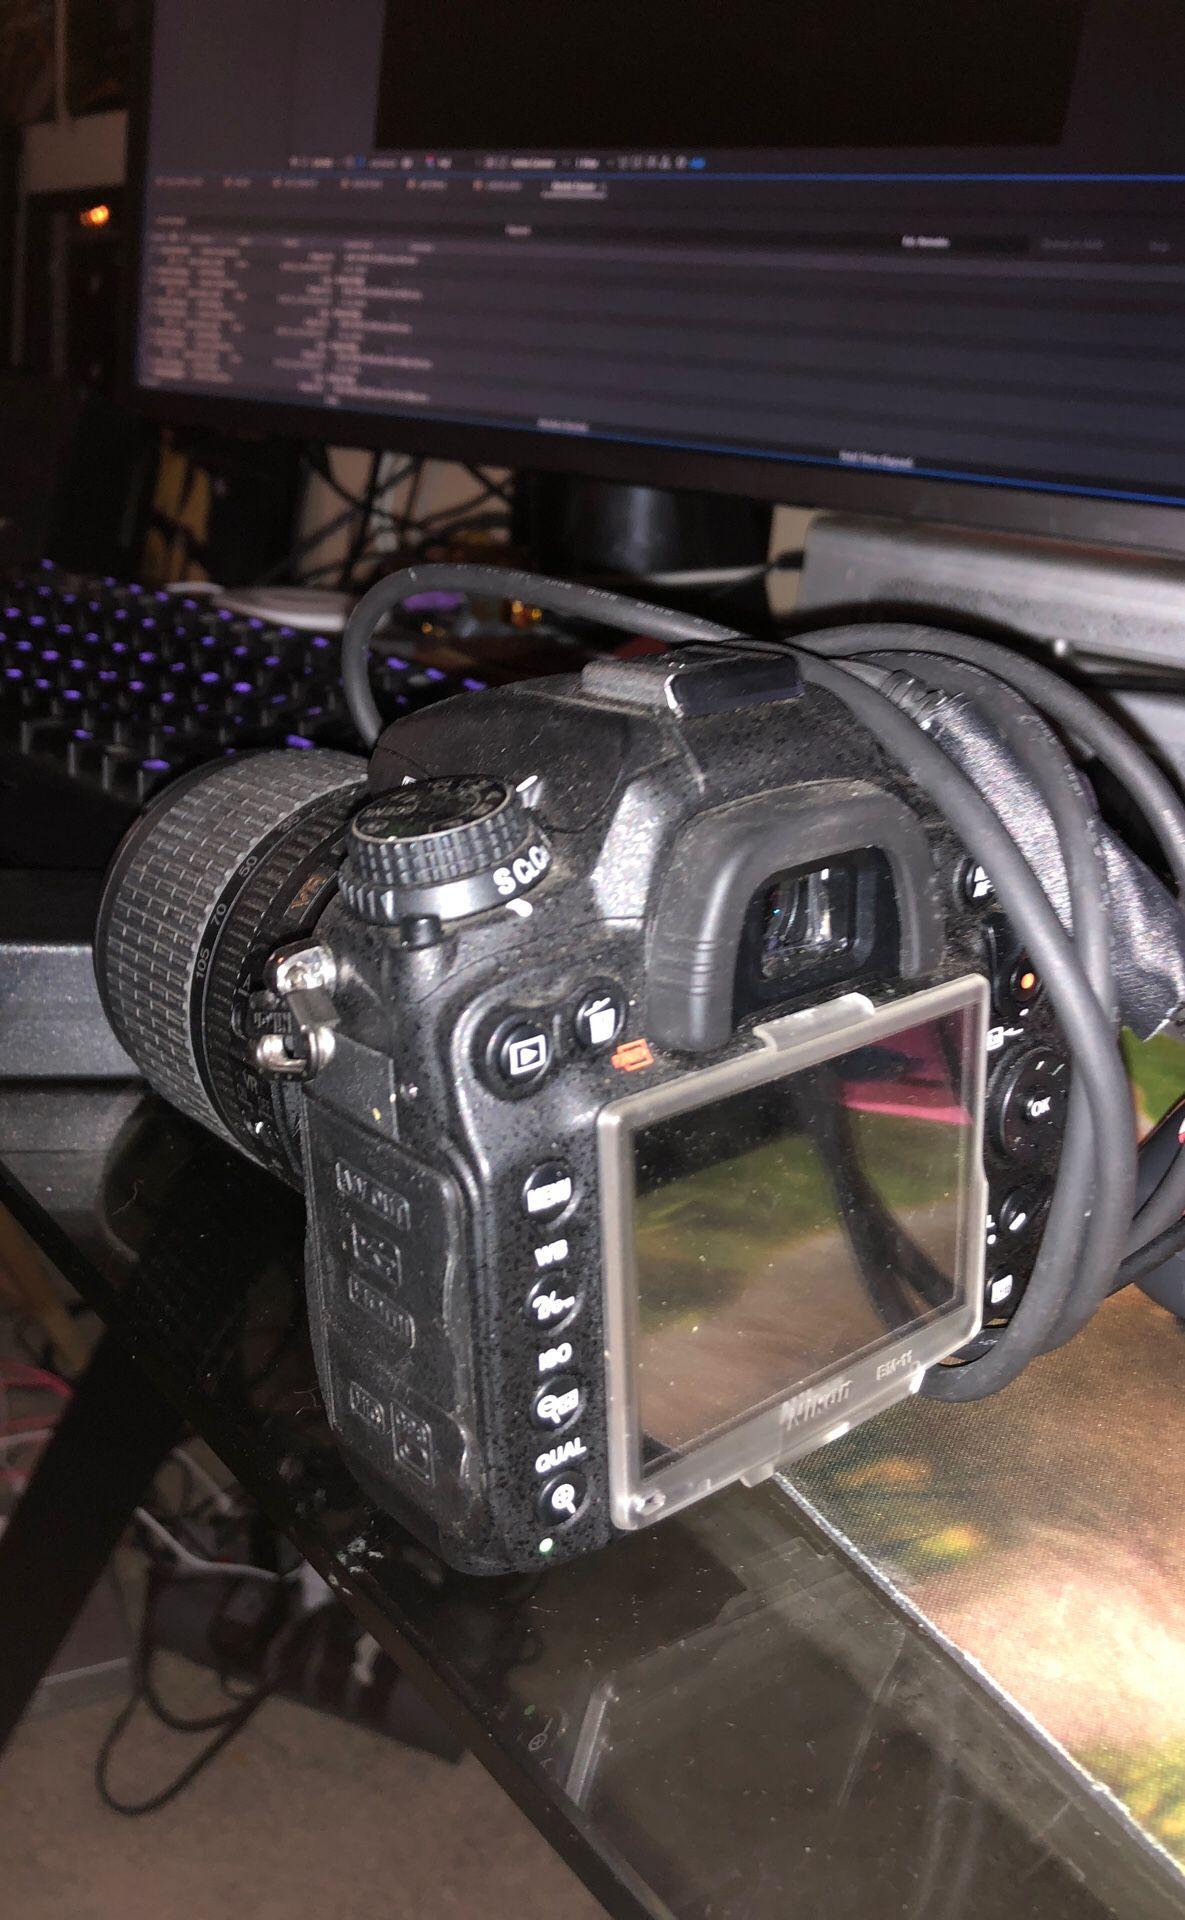 Nikon D7000 w AF-S 18-105mm Lens & Battery Wall Plug